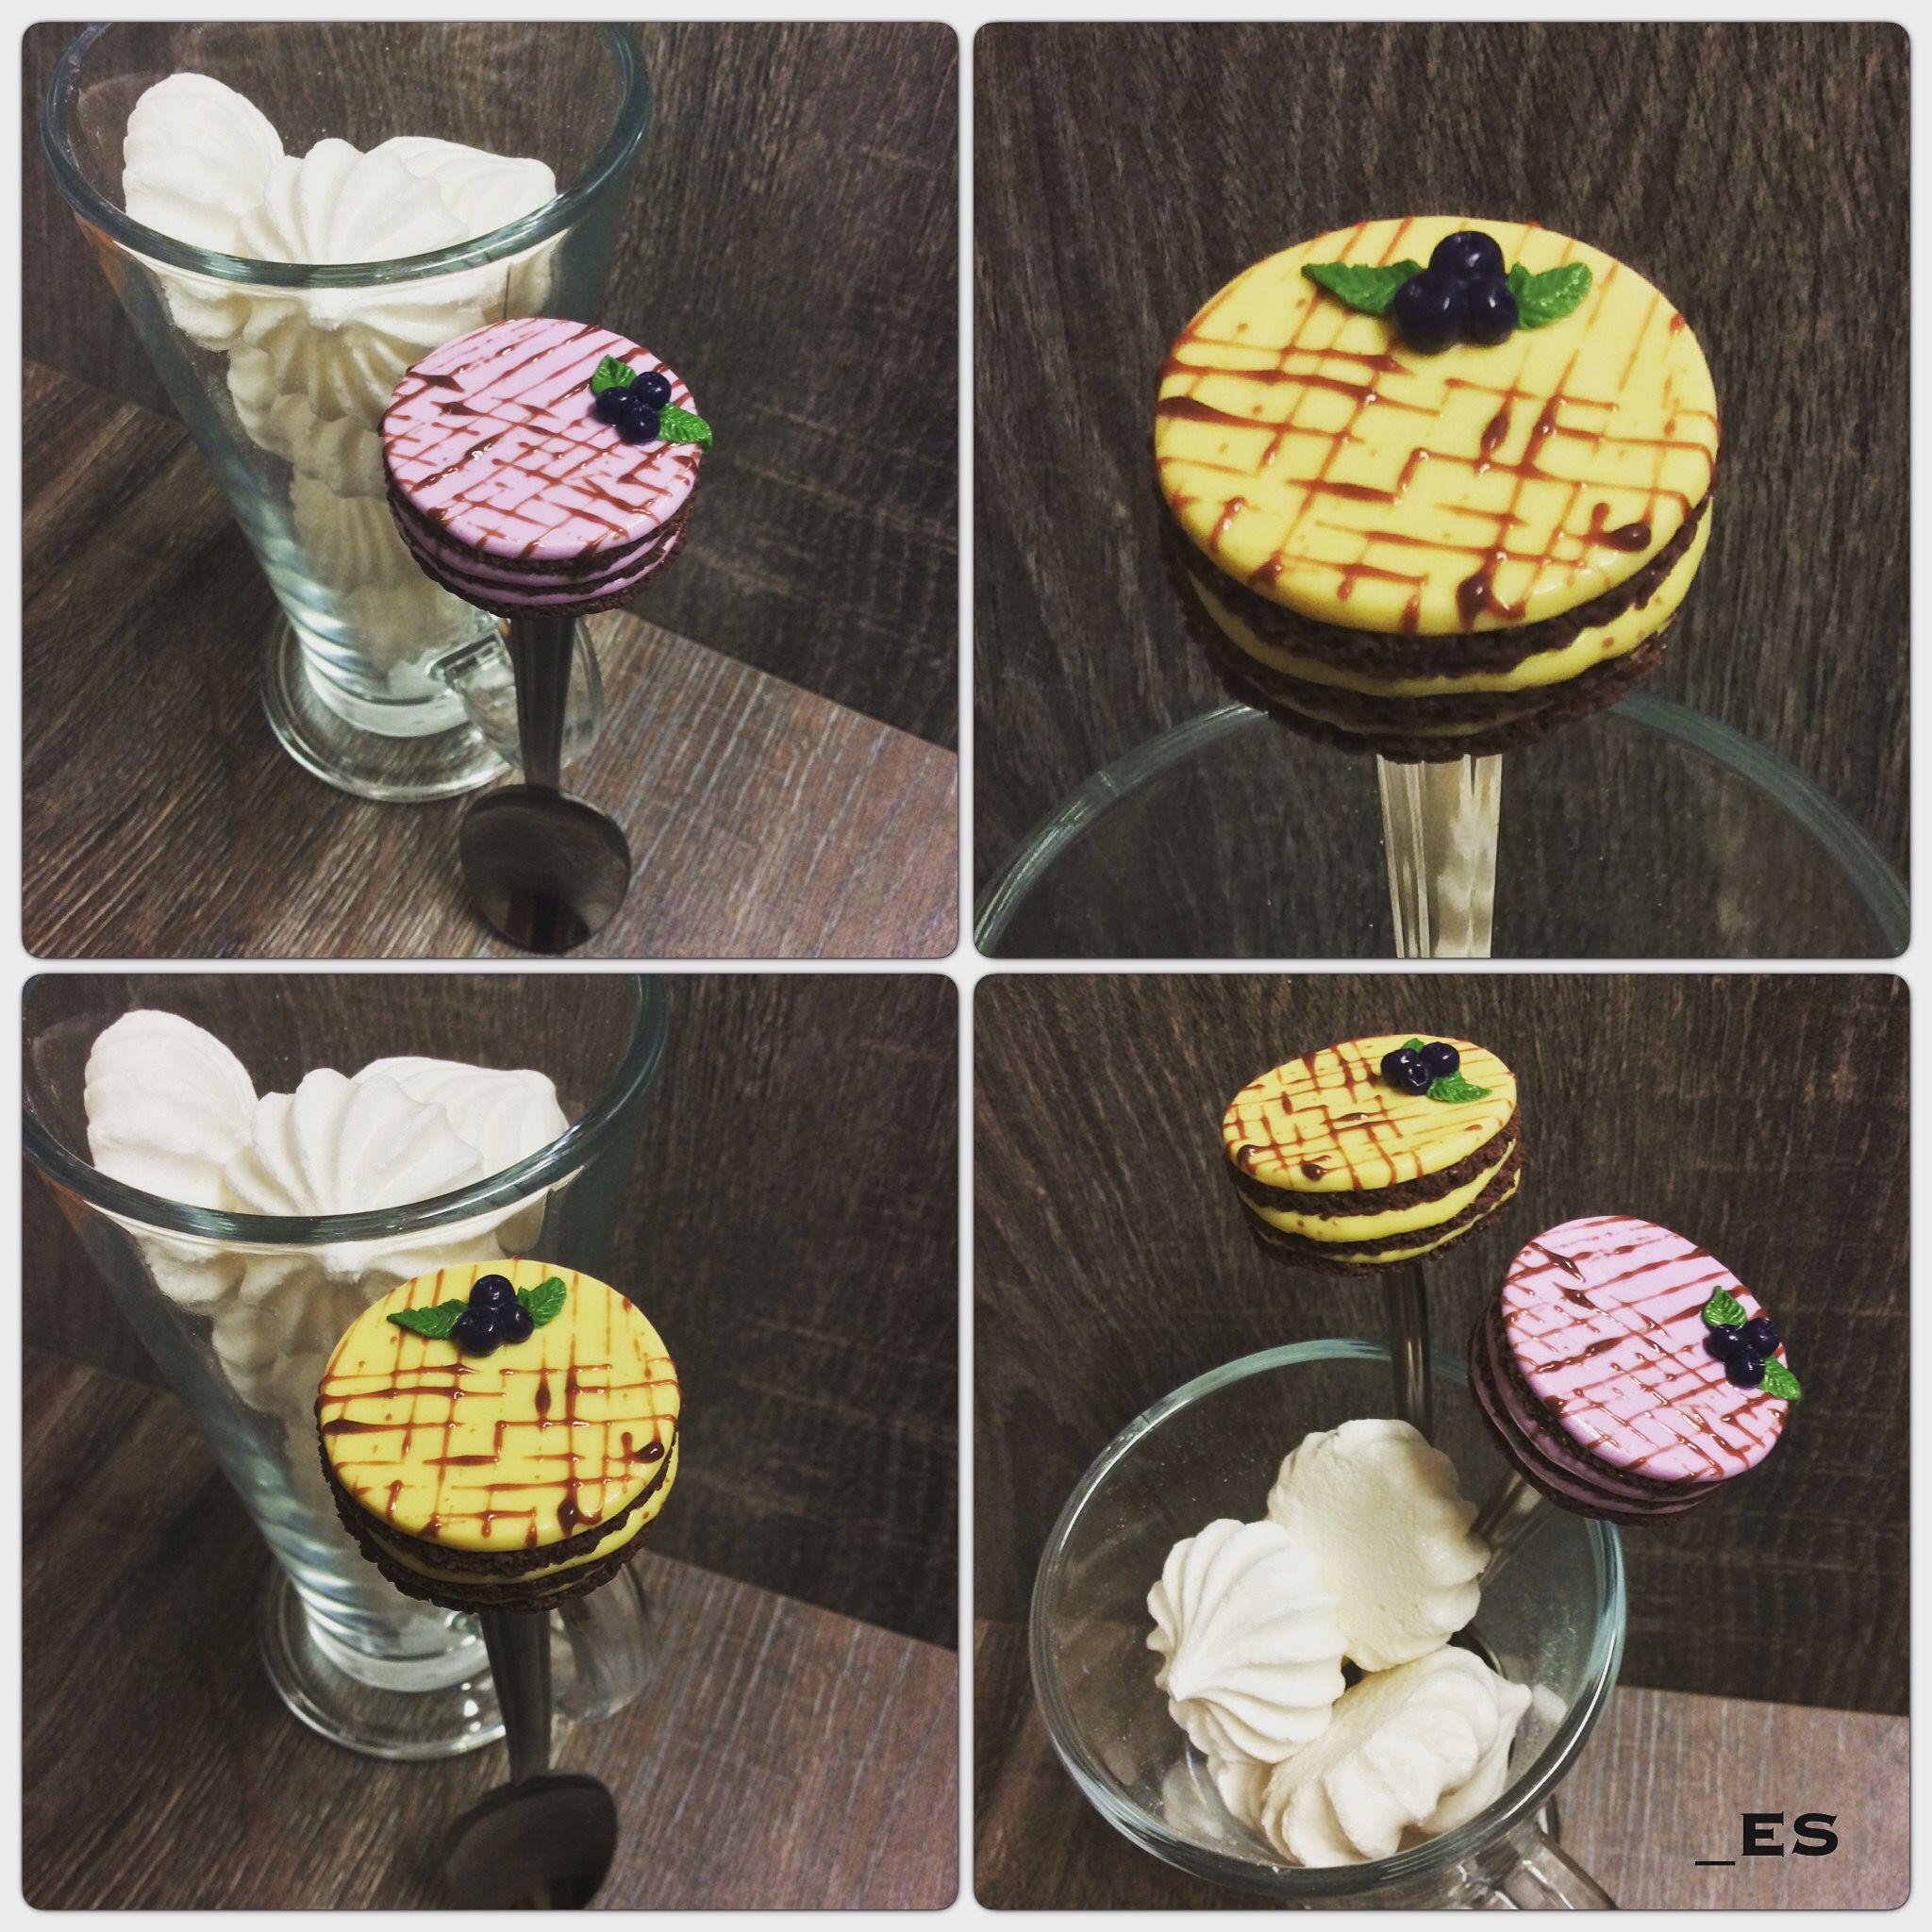 ложкадлясладкоежки тортналожке вкуснаяложка шоколадныйторт оригинальныйподарок вкусныеложки полимернаяглина